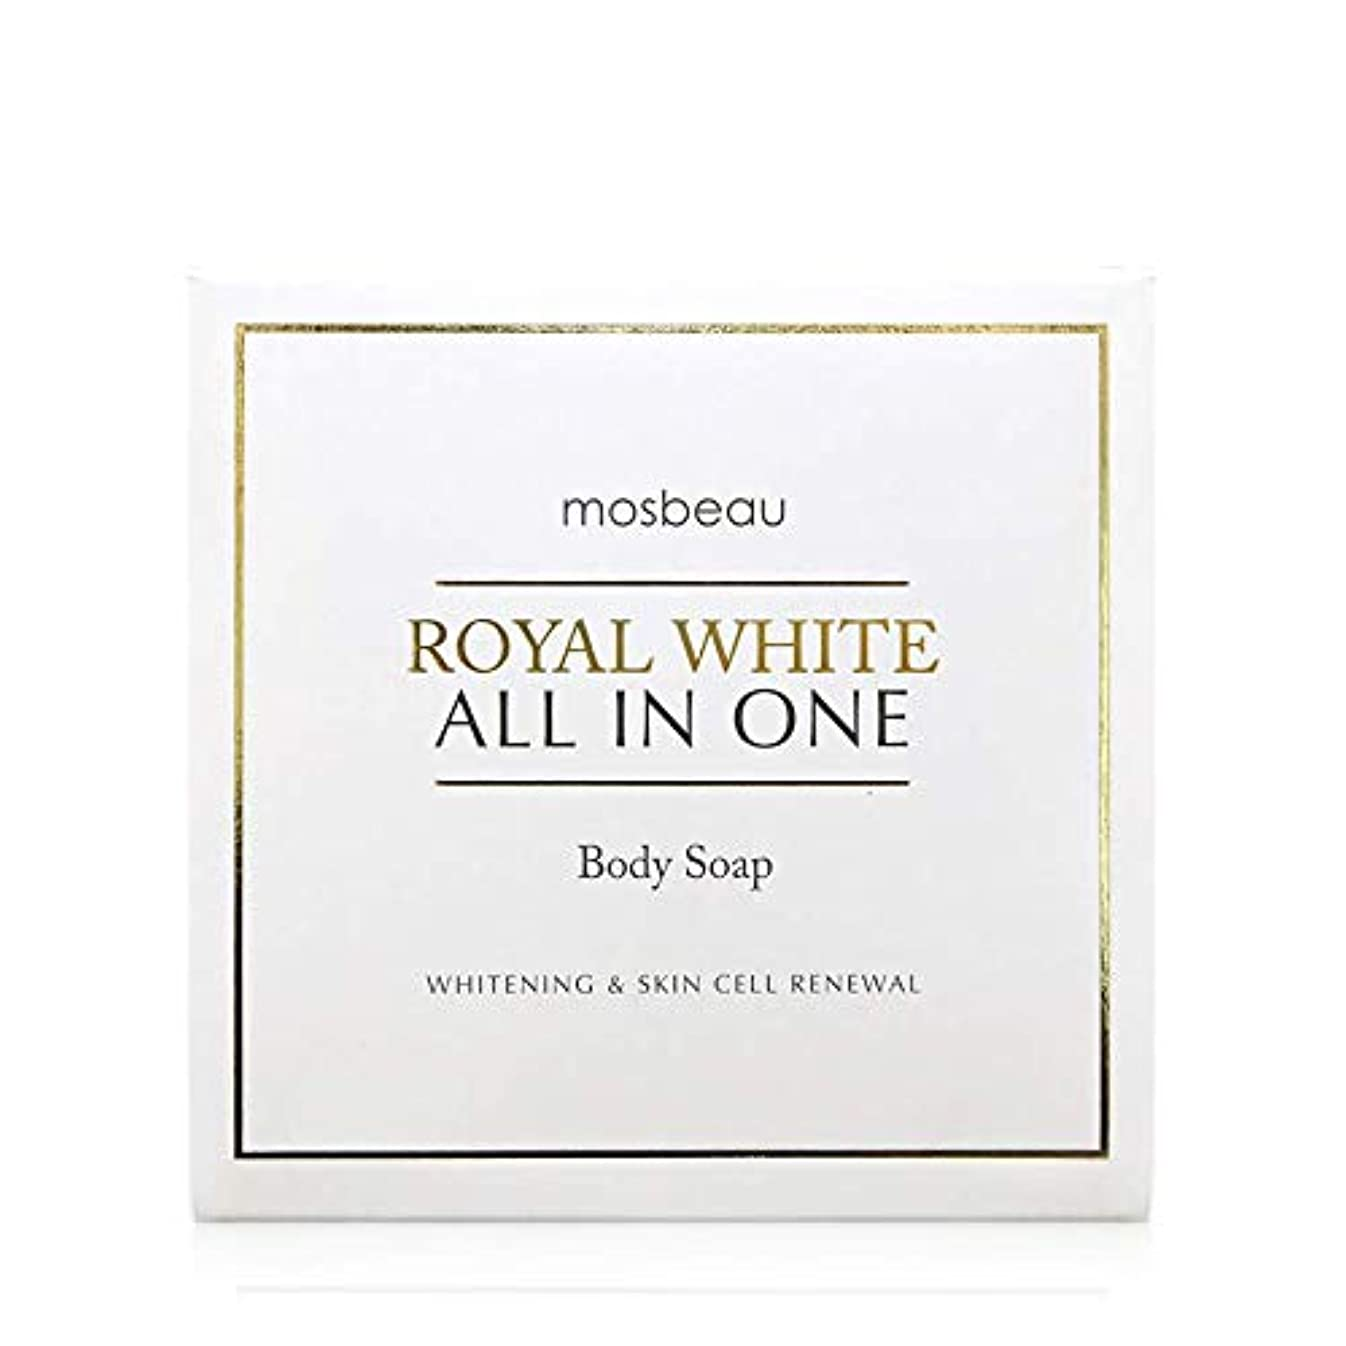 乱闘トロピカルコーンmosbeau ROYAL WHITE ALL-IN-ONE BODY SOAP 100g ロィヤルホワイトオールインワンボディーソープ